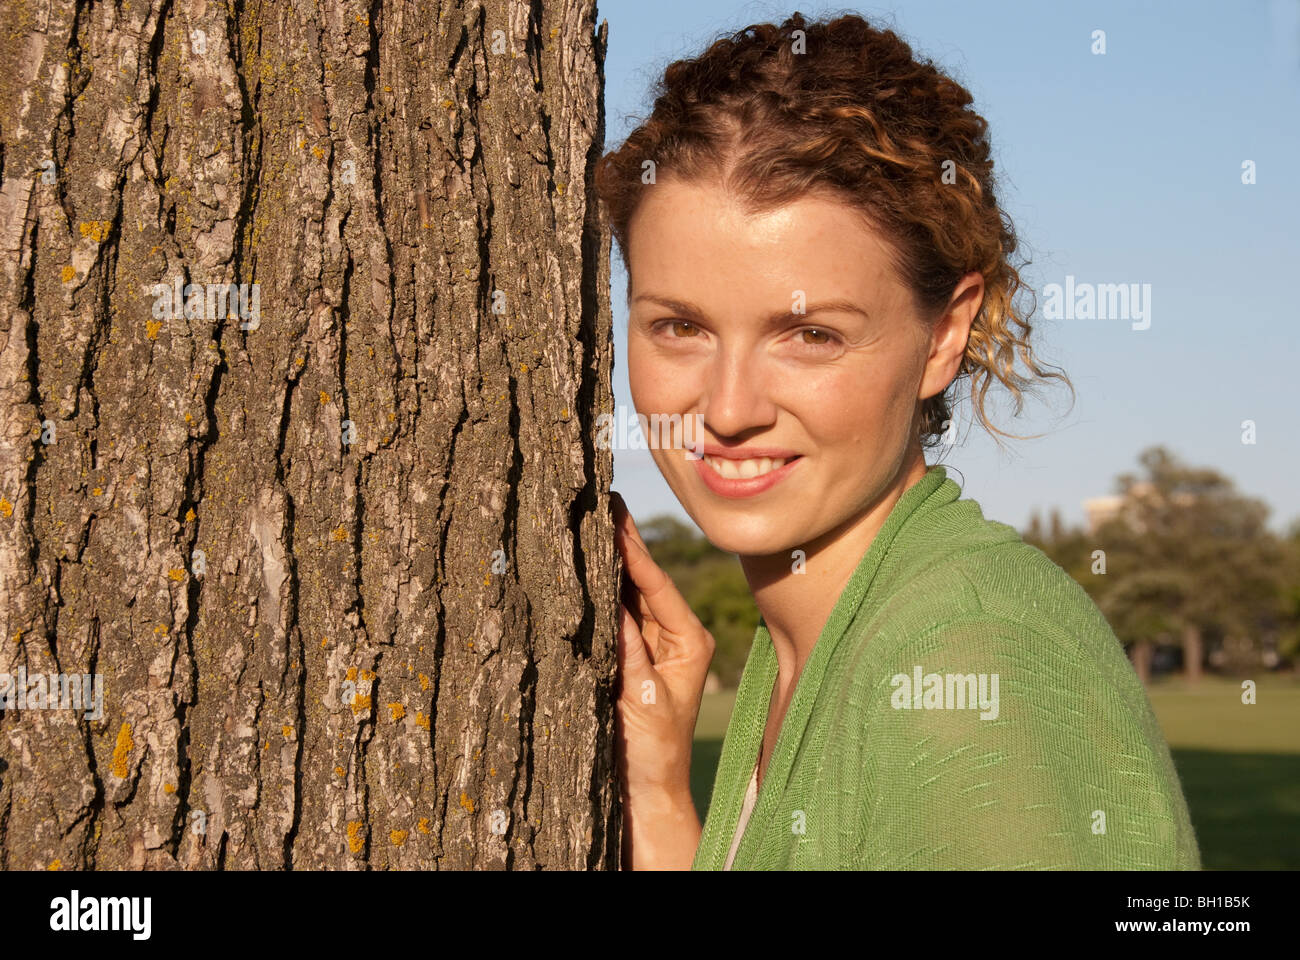 Mujer en sus 40's junto al árbol en Assiniboine Park, Winnipeg, Manitoba, Canadá Imagen De Stock